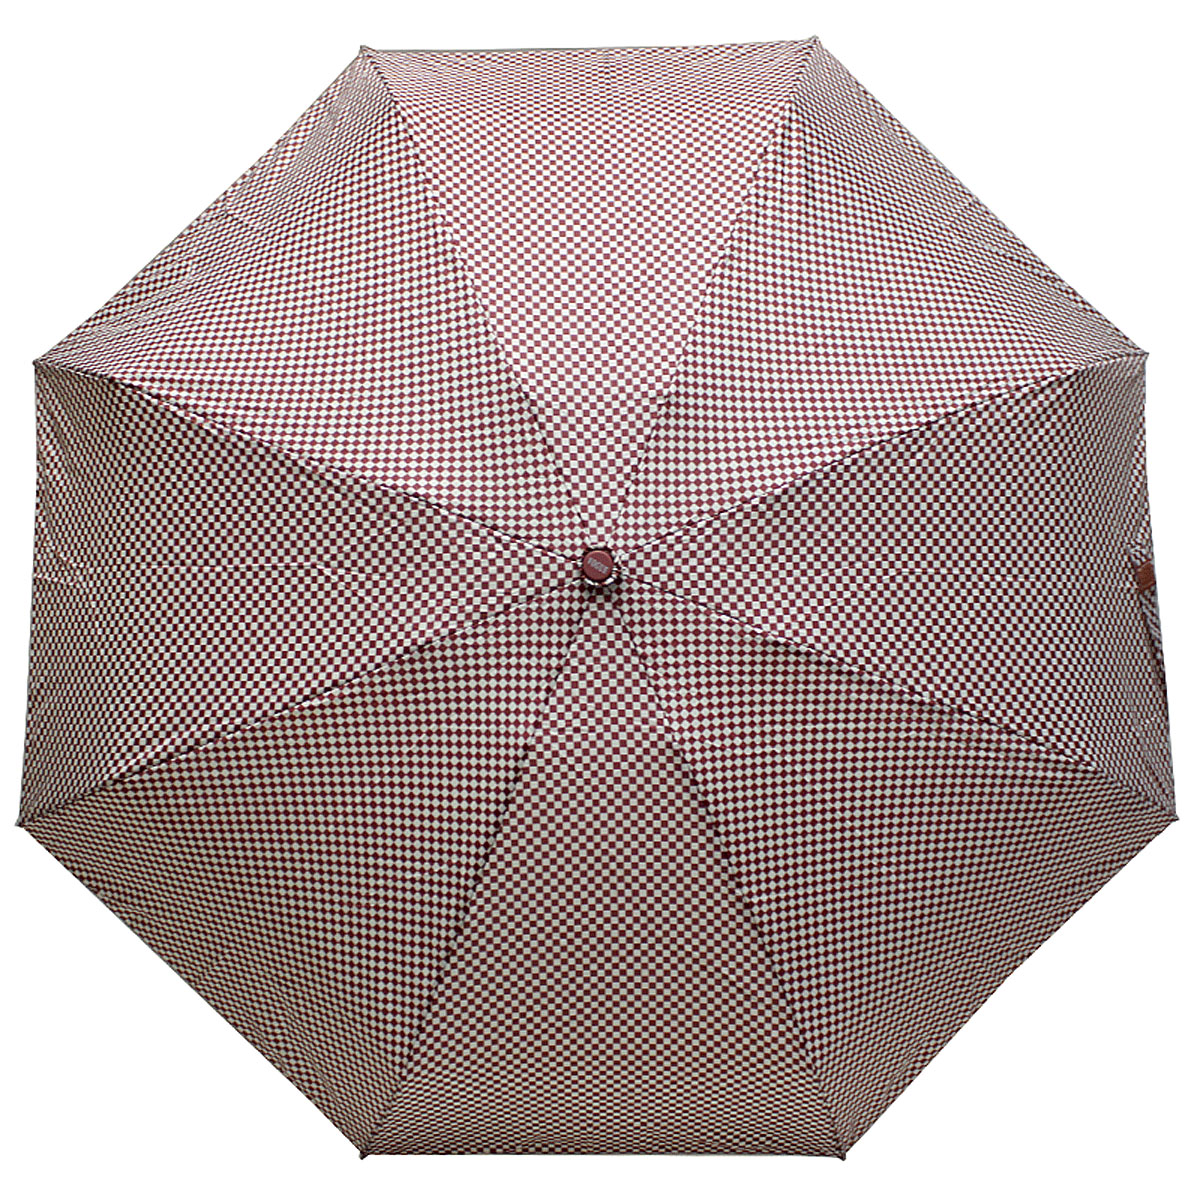 Зонт женский Vogue, цвет: бордовый, белый. 345V-4REM12-CAM-GREENBLACKСтильный механический зонт испанского производителя Vogue оснащен каркасом с противоветровым эффектом.Каркас зонта включает 8 спиц. Стержень изготовлен из стали, купол выполнен из прочного полиэстера.Зонт является механическим: купол открывается и закрывается вручную до характерного щелчка. Такой зонт не только надежно защитит вас от дождя, но и станет стильным аксессуаром, который идеально подчеркнет ваш неповторимый образ. Рекомендации по использованию: Мокрый зонт нельзя оставлять сложенным. Зонт после использования рекомендуется сушить в полураскрытом виде вдали от нагревательных приборов. Чистить зонт рекомендуется губкой, используя мягкие нещелочные растворы.